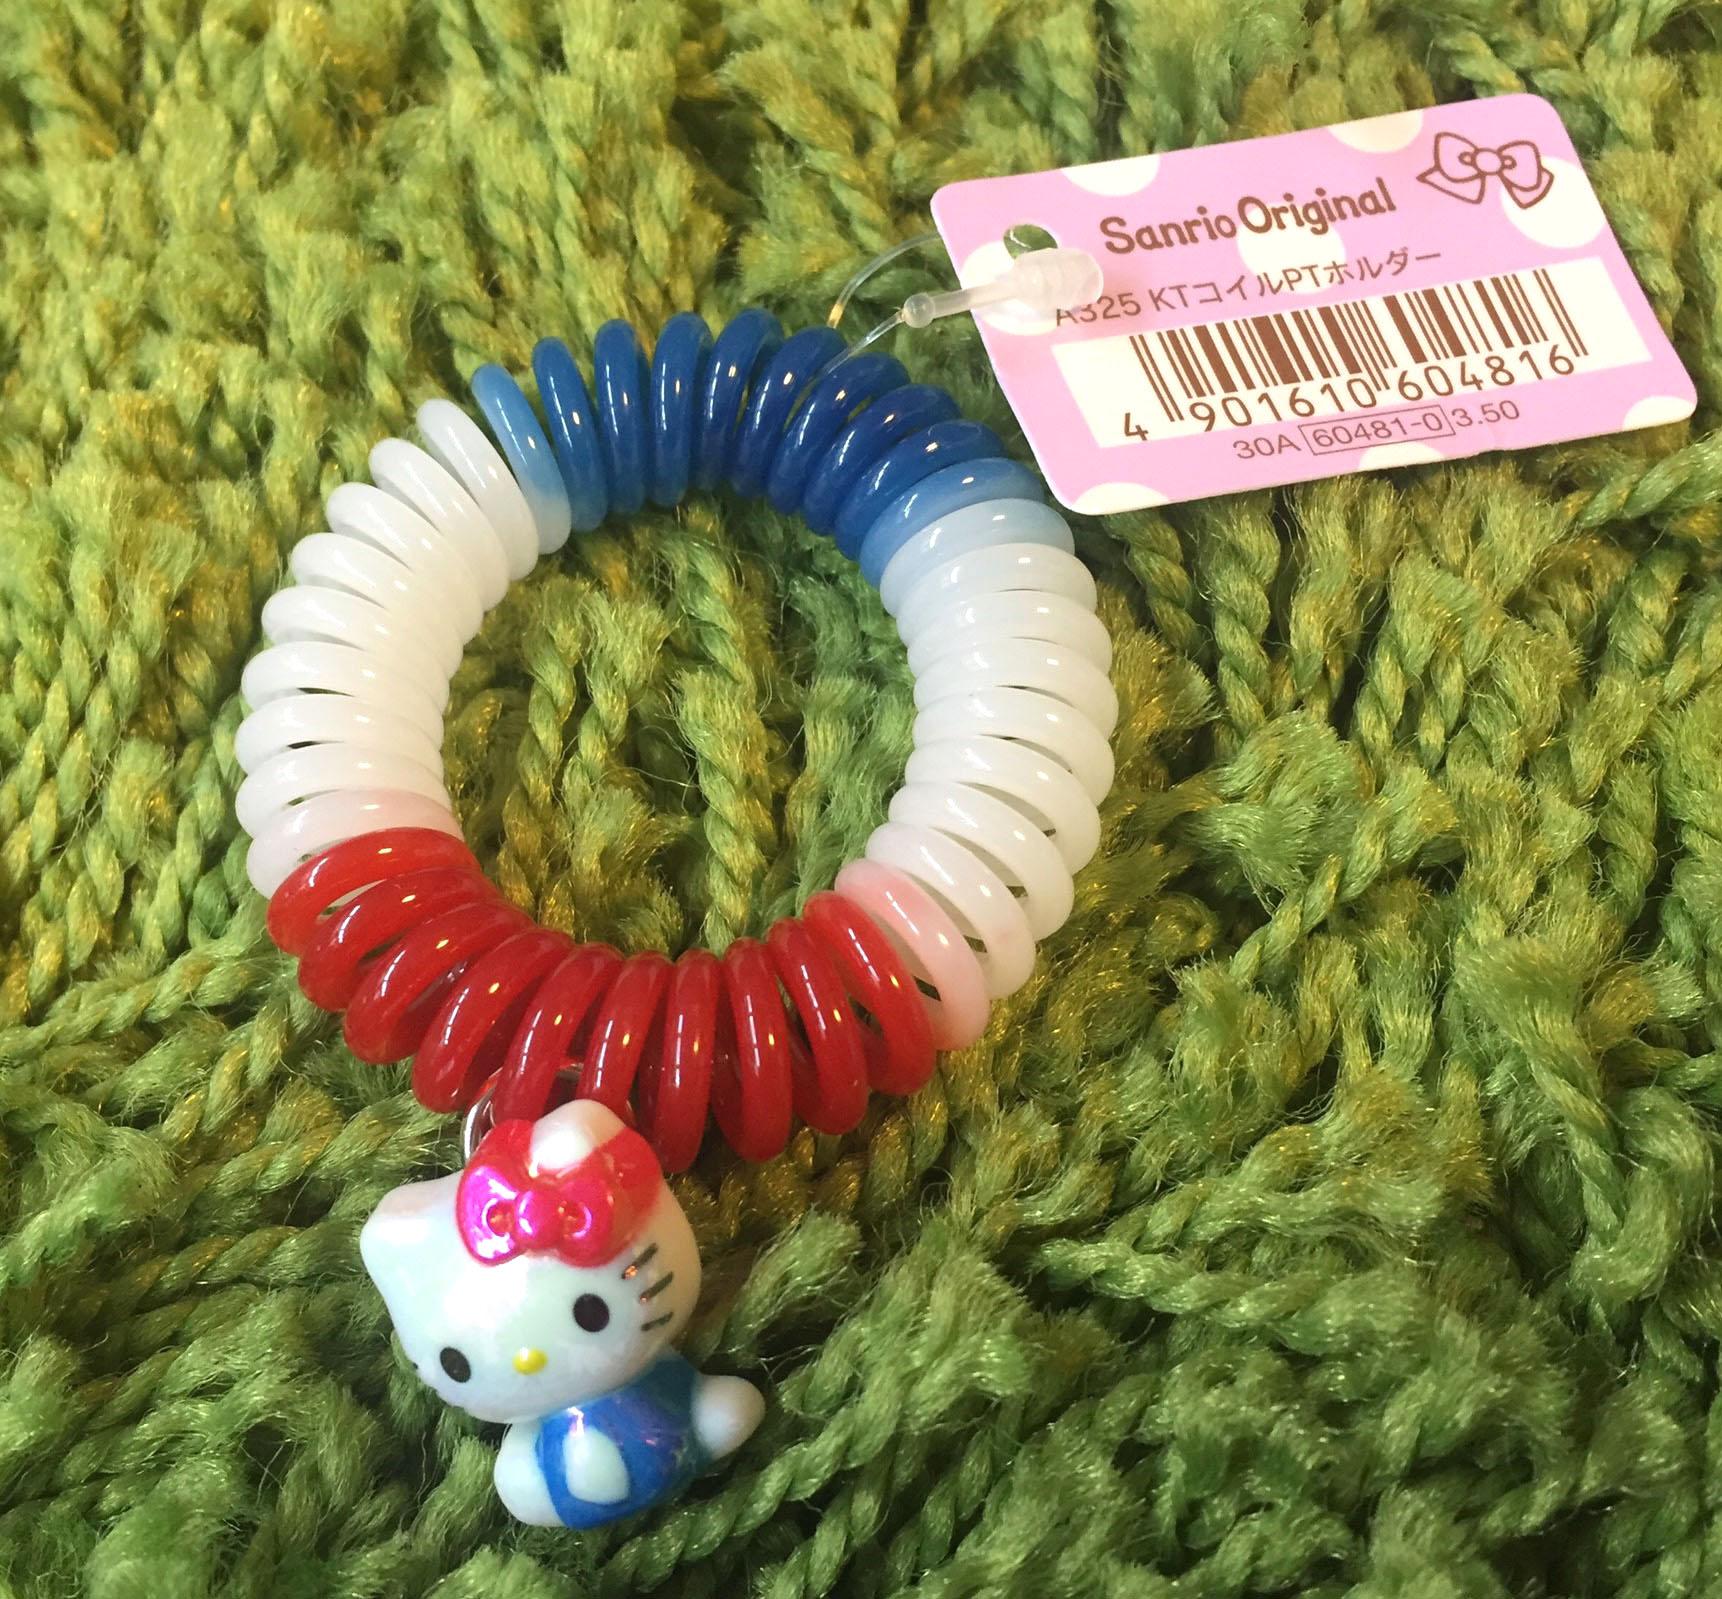 【真愛日本】160724000063色彈簧髮束-KT珠光藍衣  三麗鷗 Hello Kitty 凱蒂貓     髮束  飾品  美髮用品